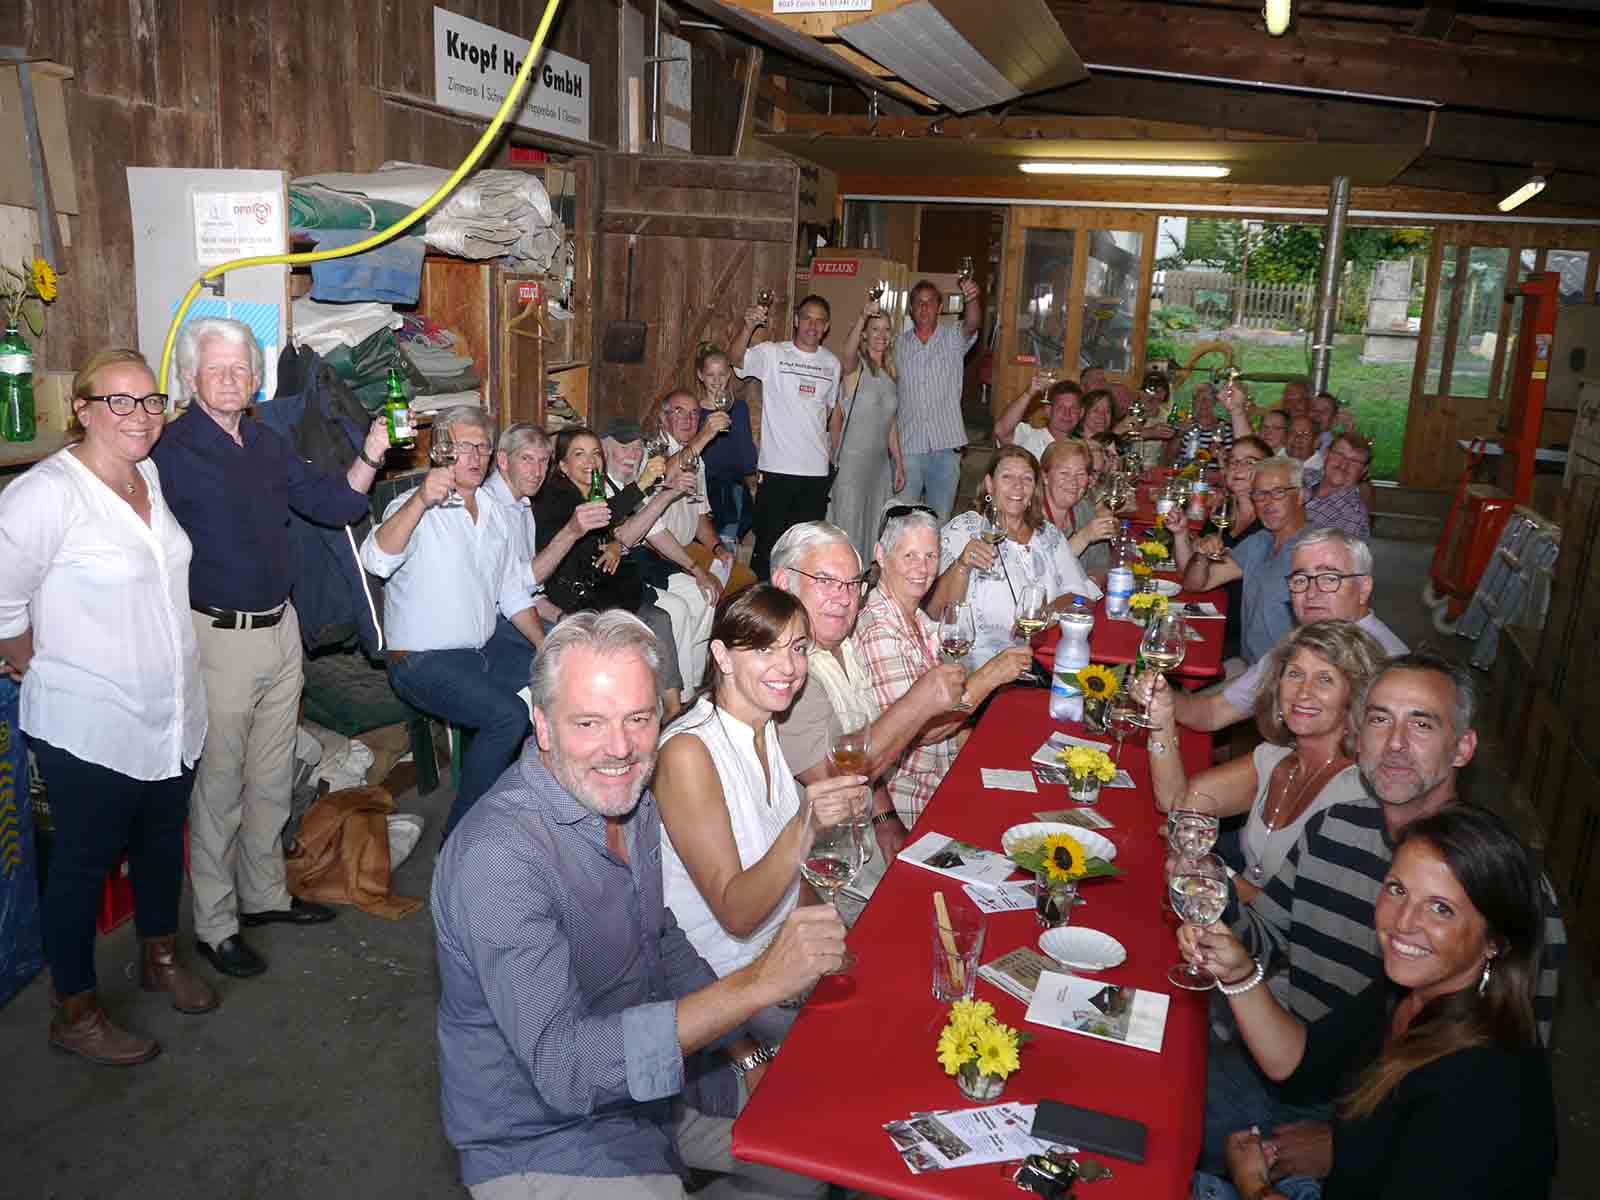 Anstossen unter Nachbarn und HGH-Mitgliedern auf 70 Jahre Kropf Holz GmbH.